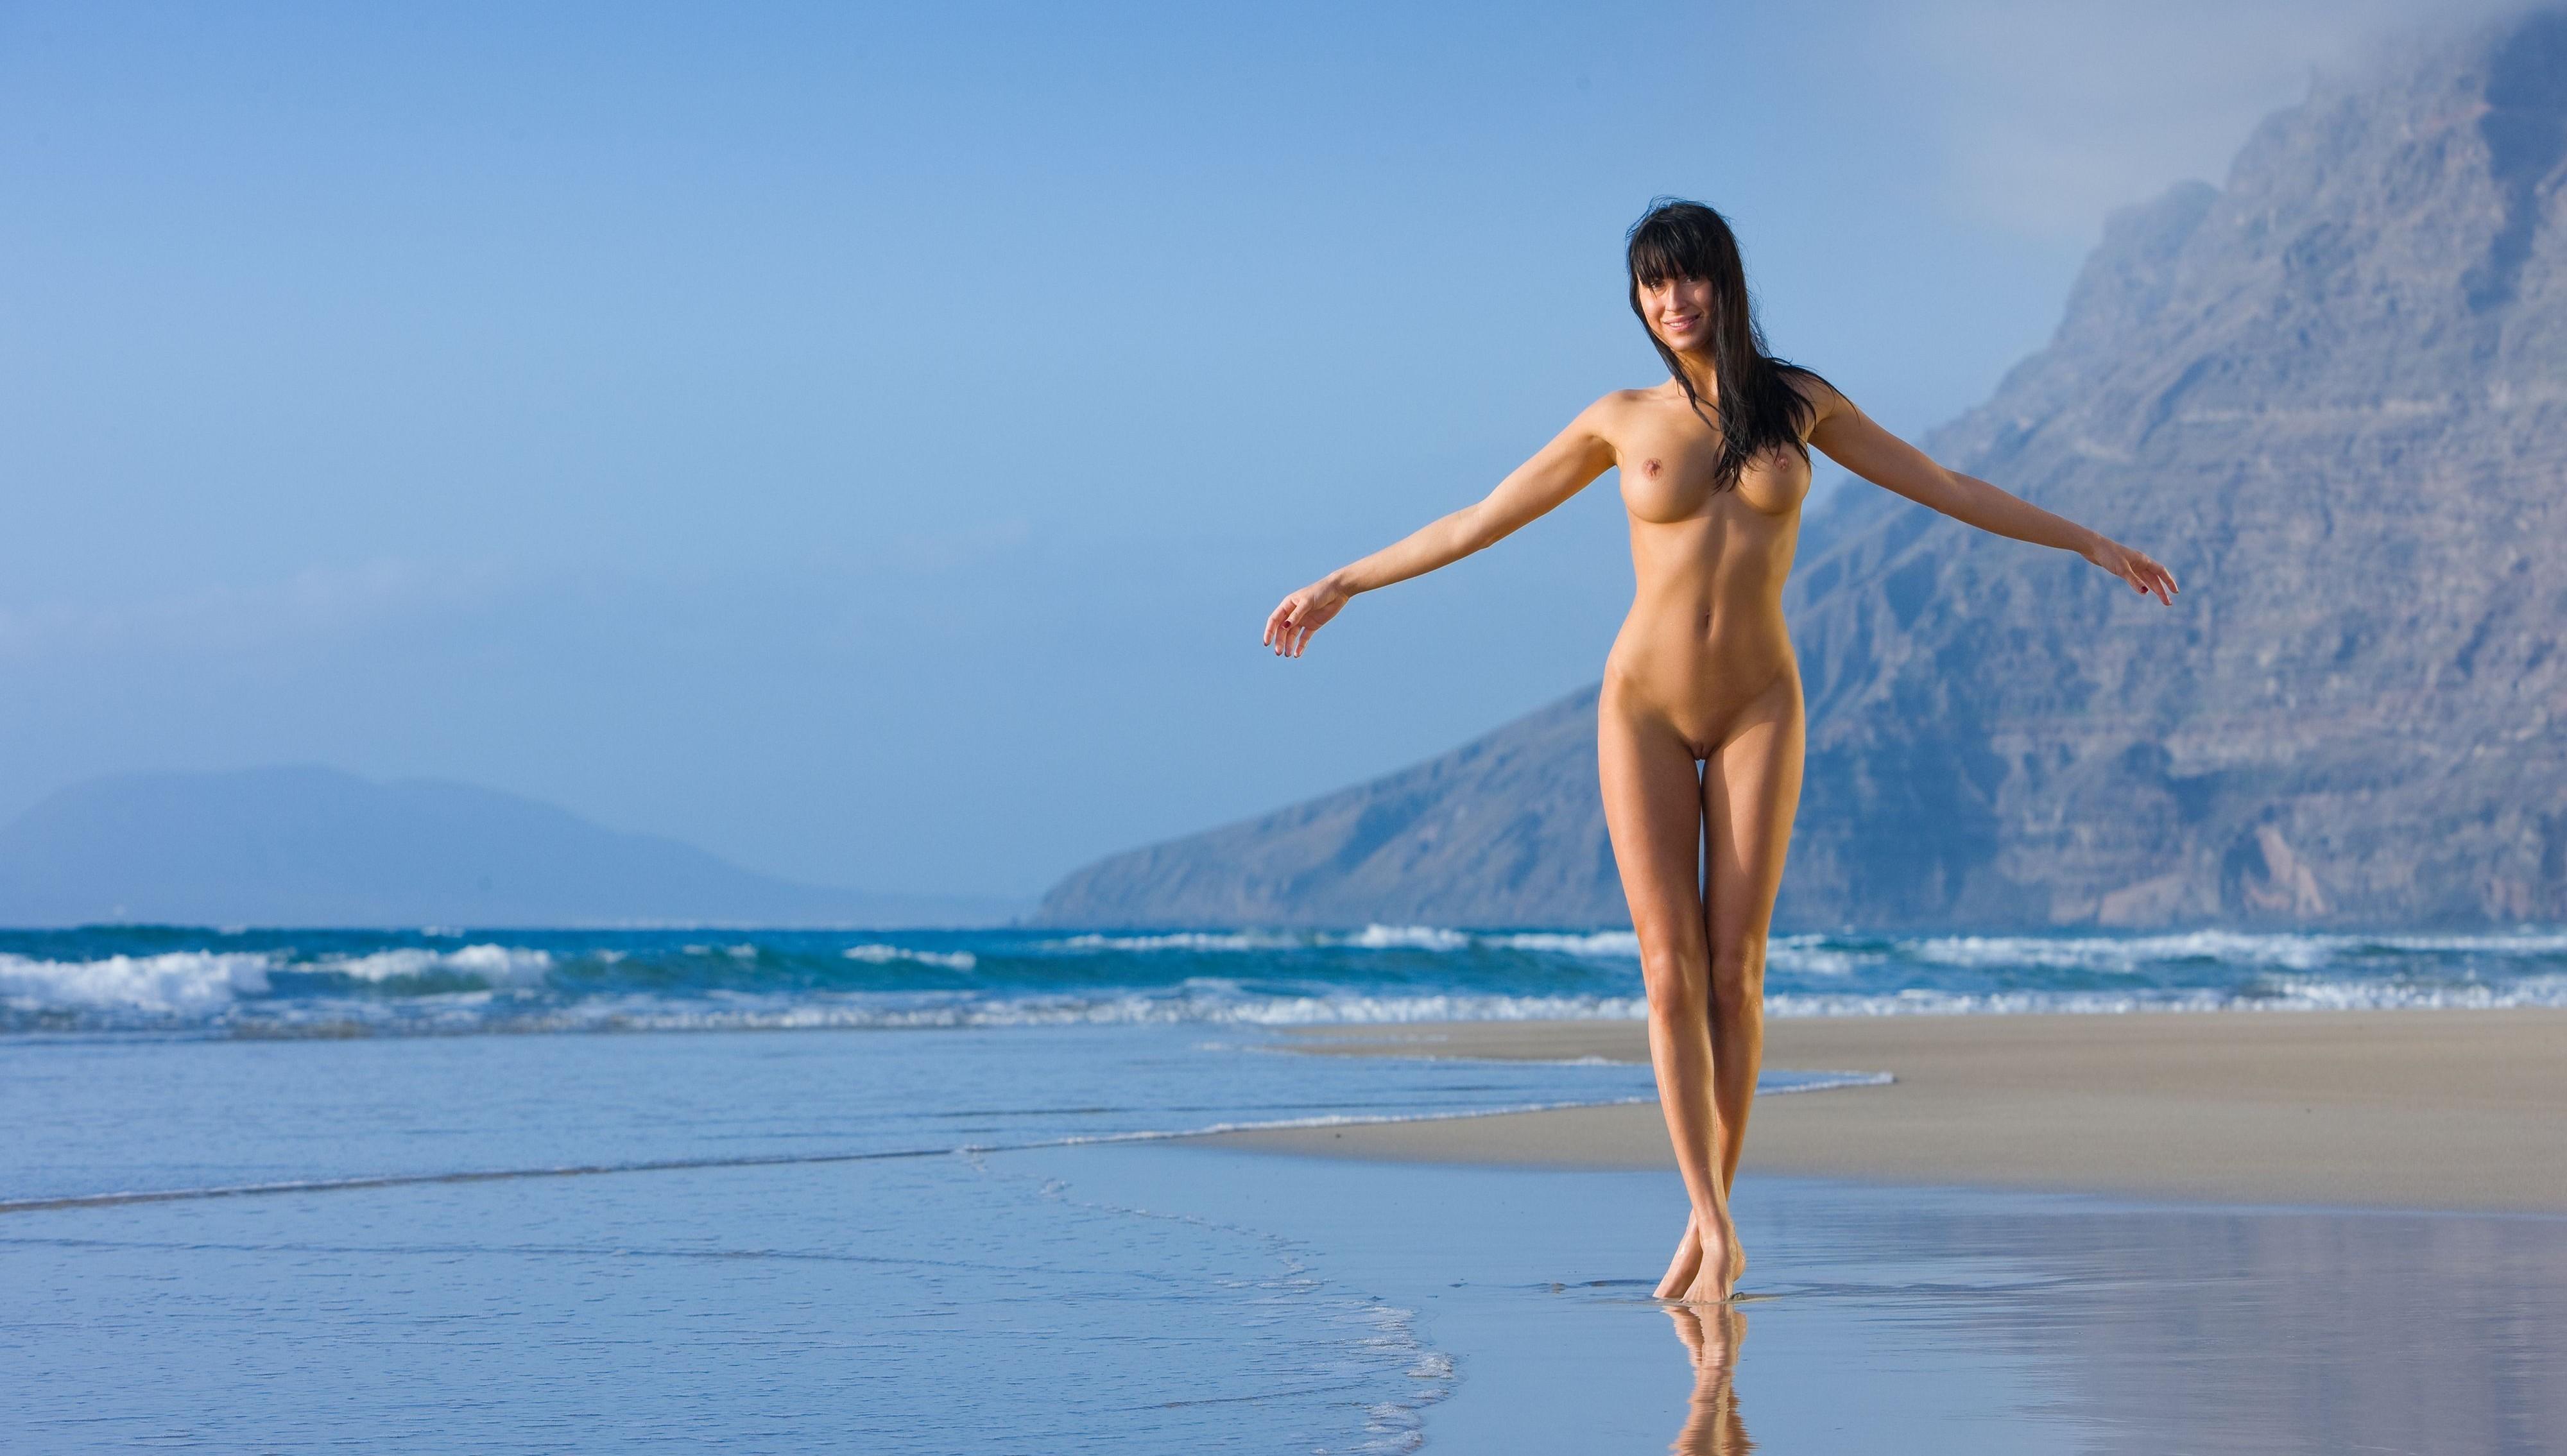 танец голеньких девушек на пляже которой уже